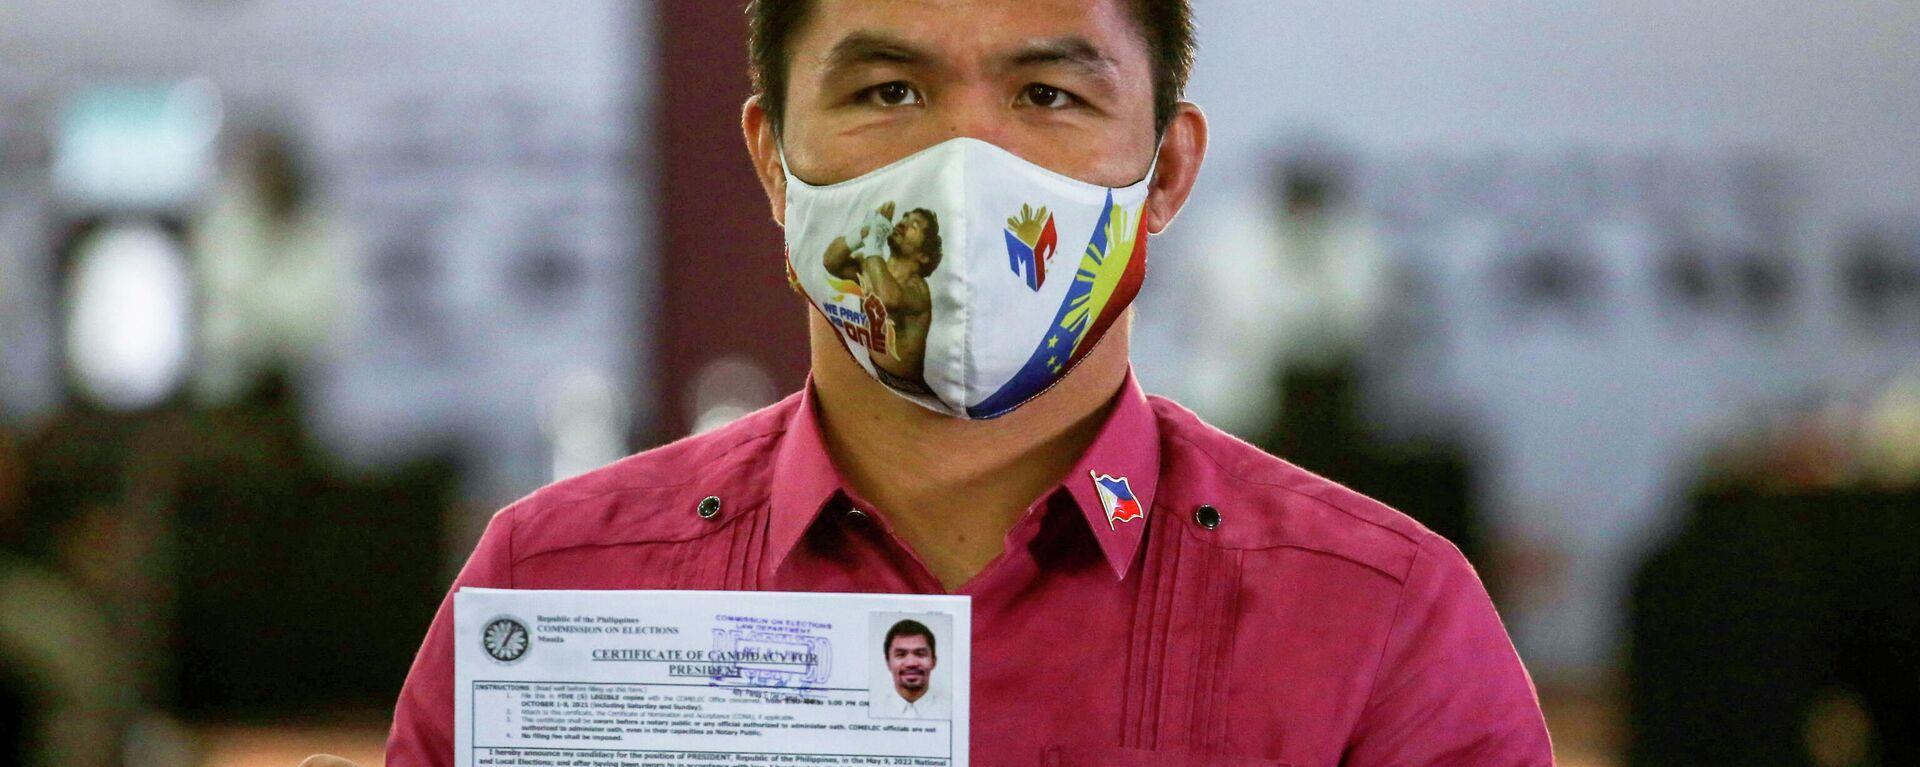 Philippinen: Ex-Boxer Pacquiao reicht Präsidentschaftskandidatur ein - SNA, 1920, 01.10.2021